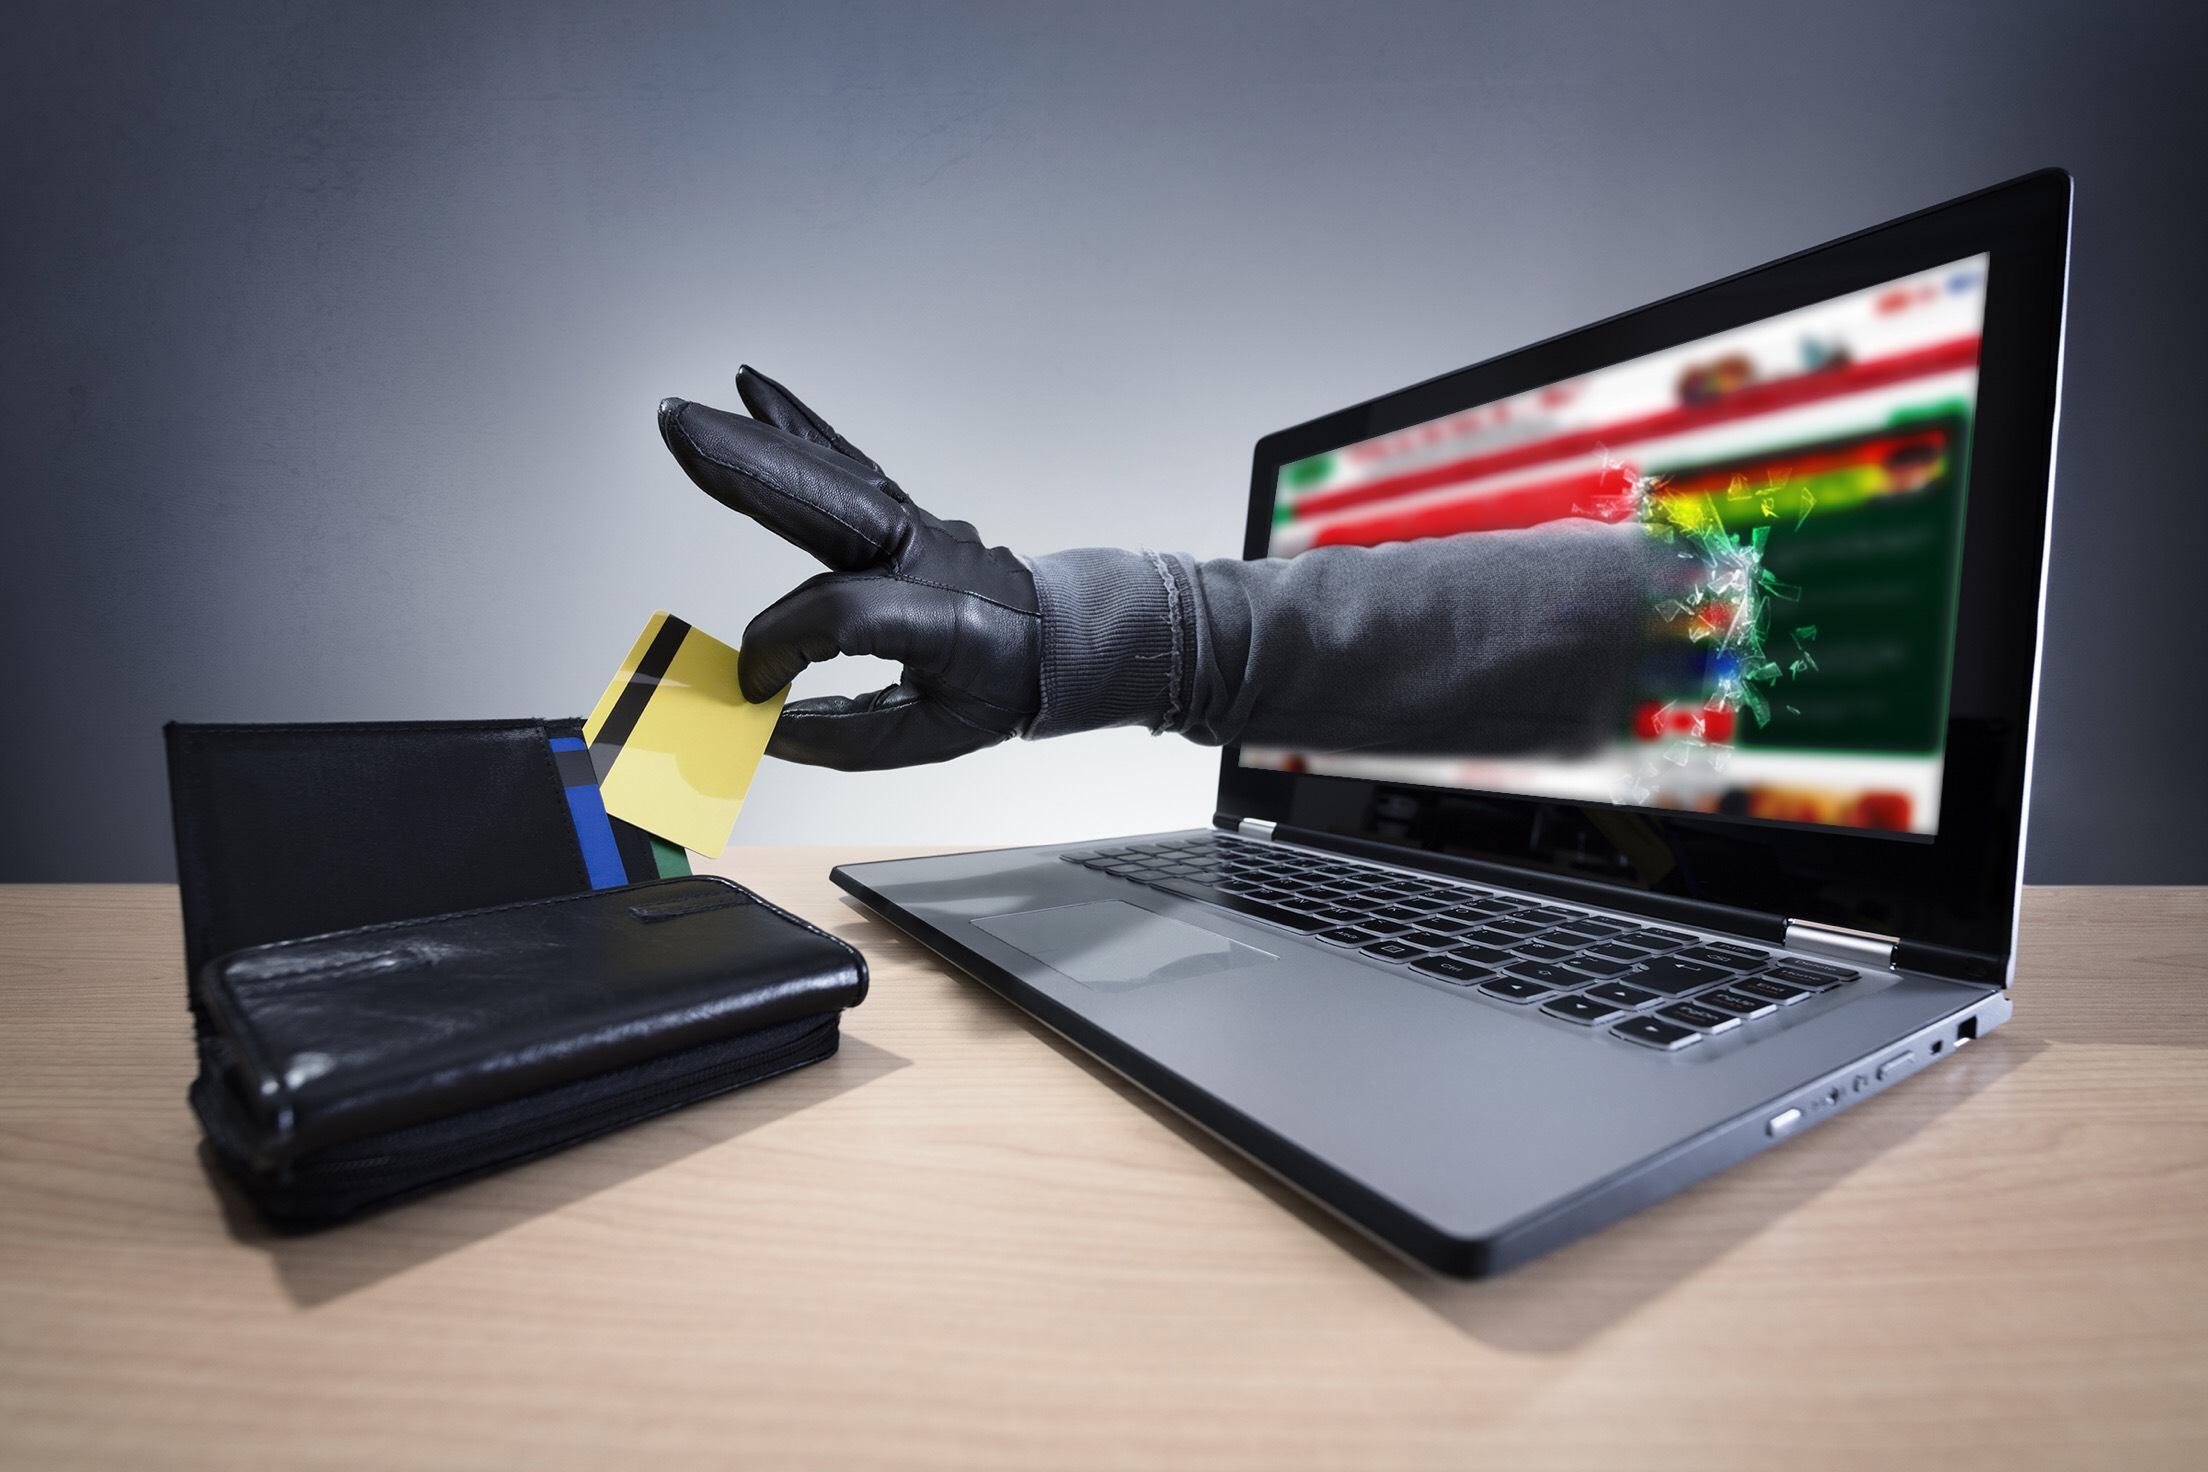 Hơn nửa triệu máy tính bị phần mềm gián điệp theo dõi